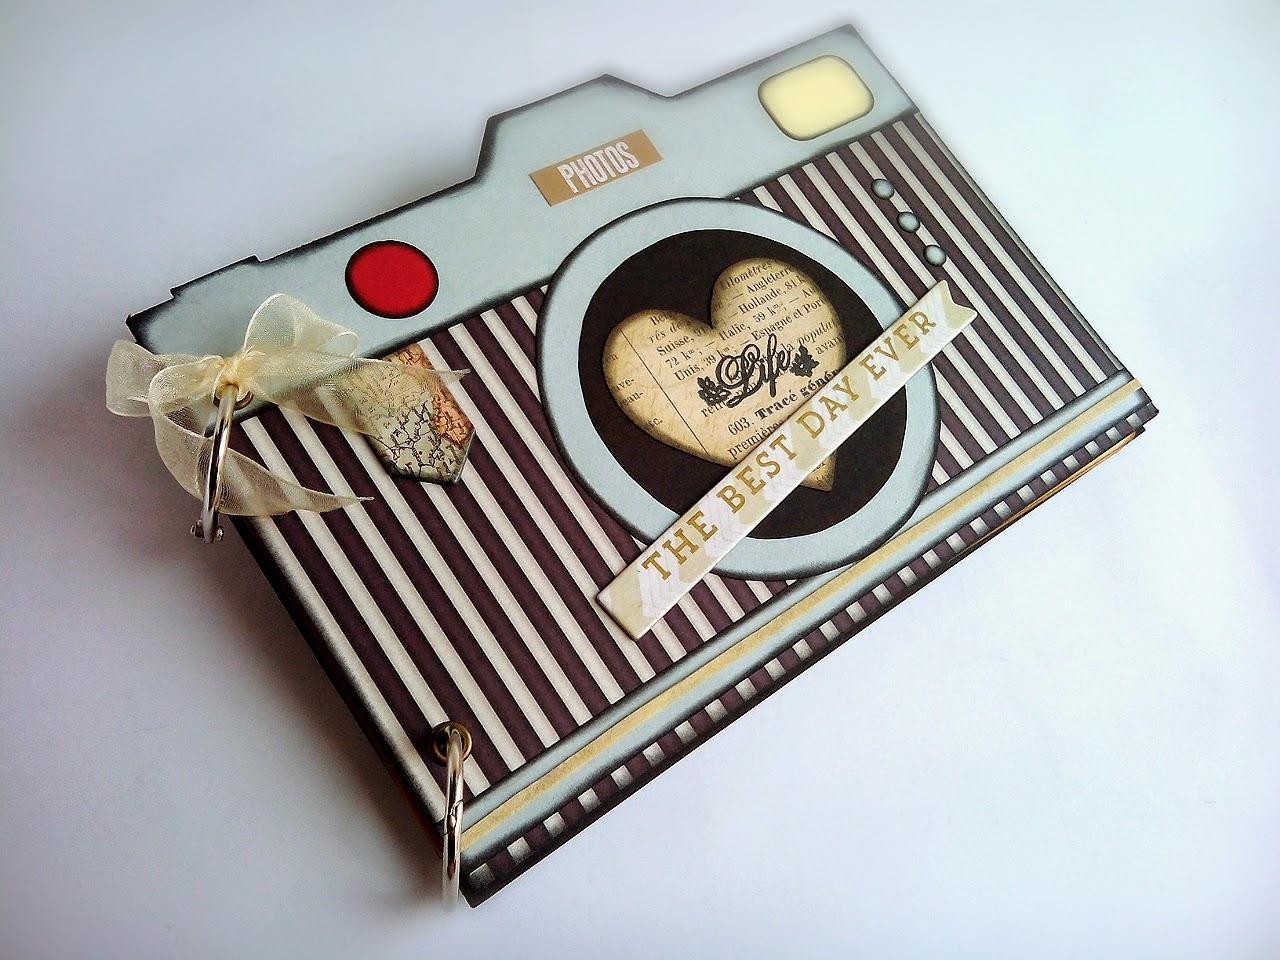 Arte nath album fashion camera - Decoracion de album de fotos ...